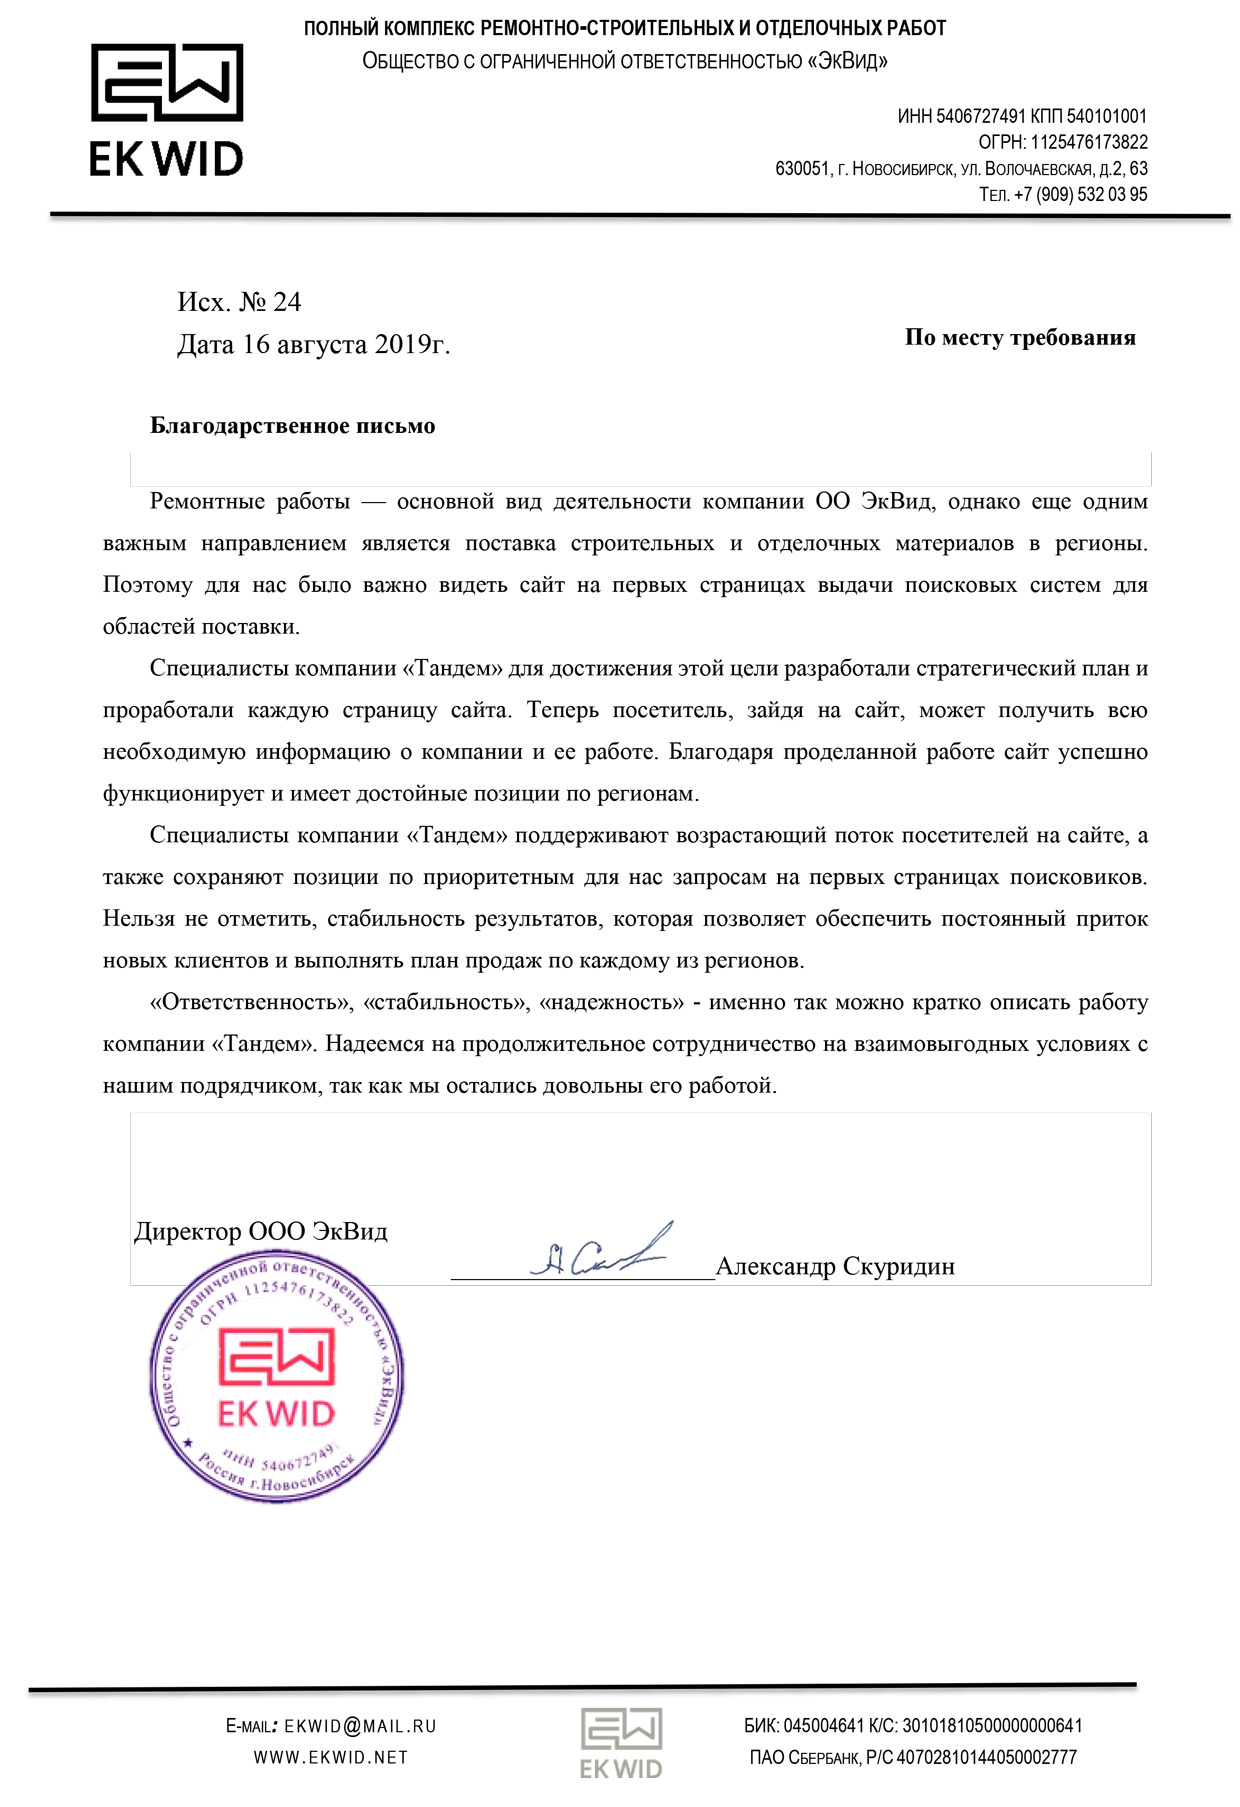 благодарственное письмо тандем от ekwid